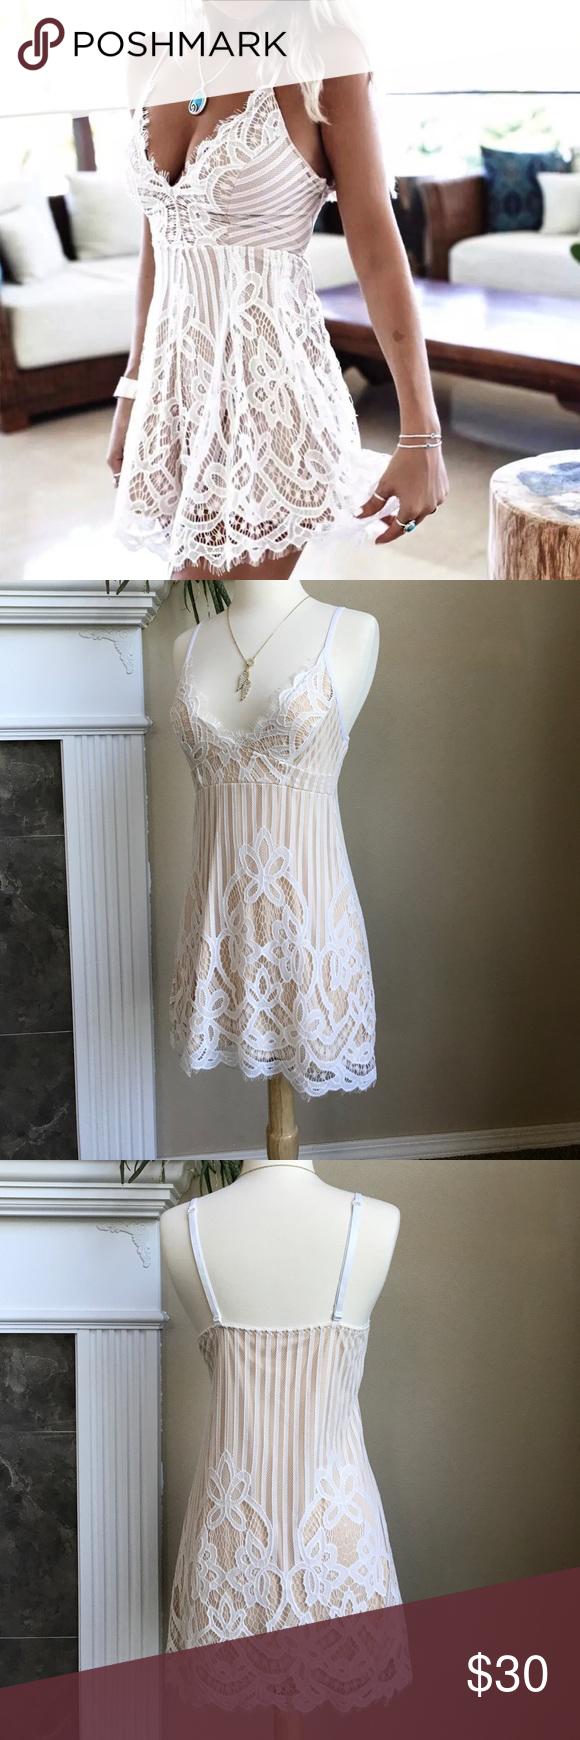 Lace Slip Dress Lace Slip Dress Lace White Dress Dresses [ 1740 x 580 Pixel ]